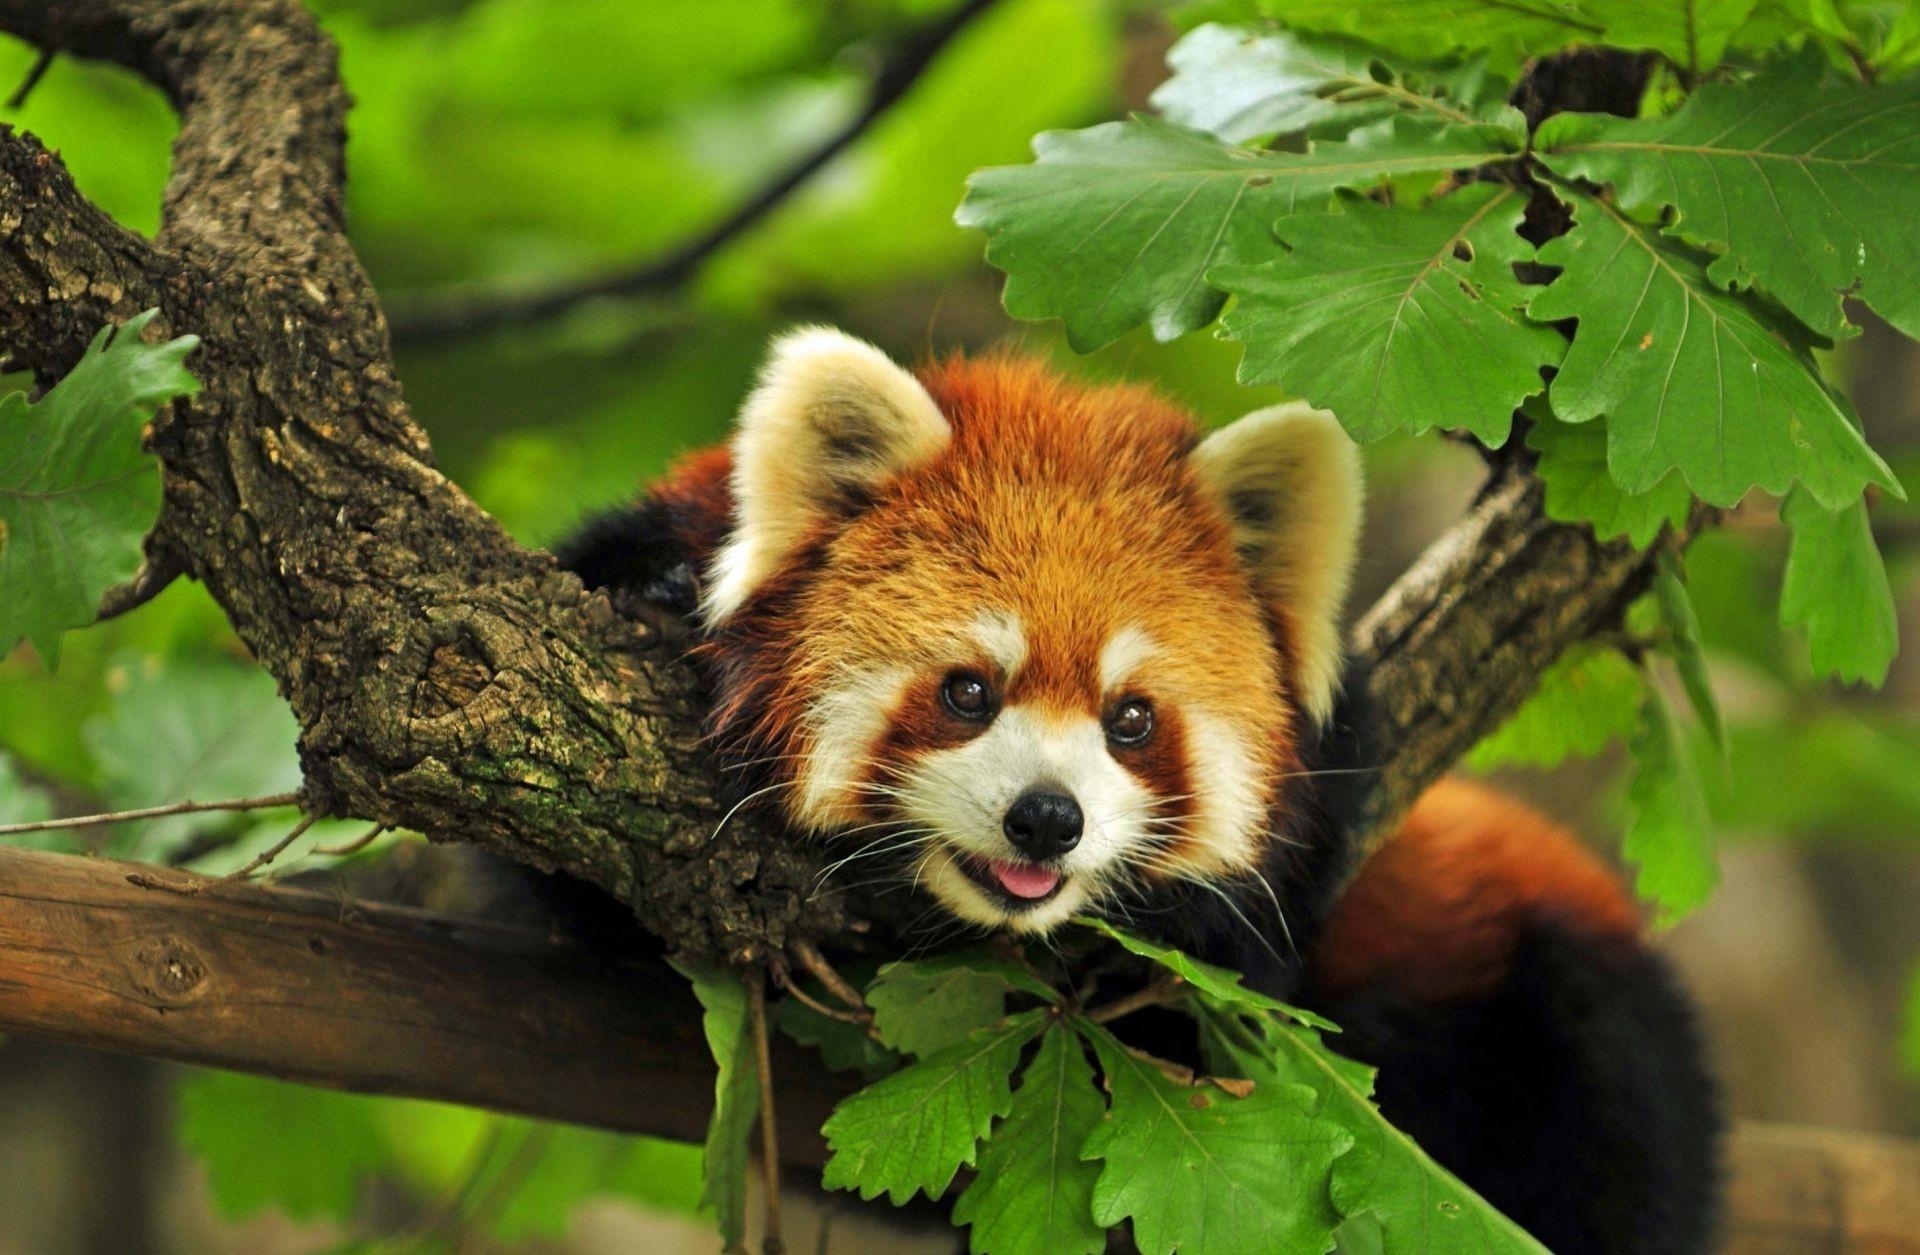 Значение слова «животное» в 10 онлайн словарях даль, ожегов, ефремова и др. - glosum.ru